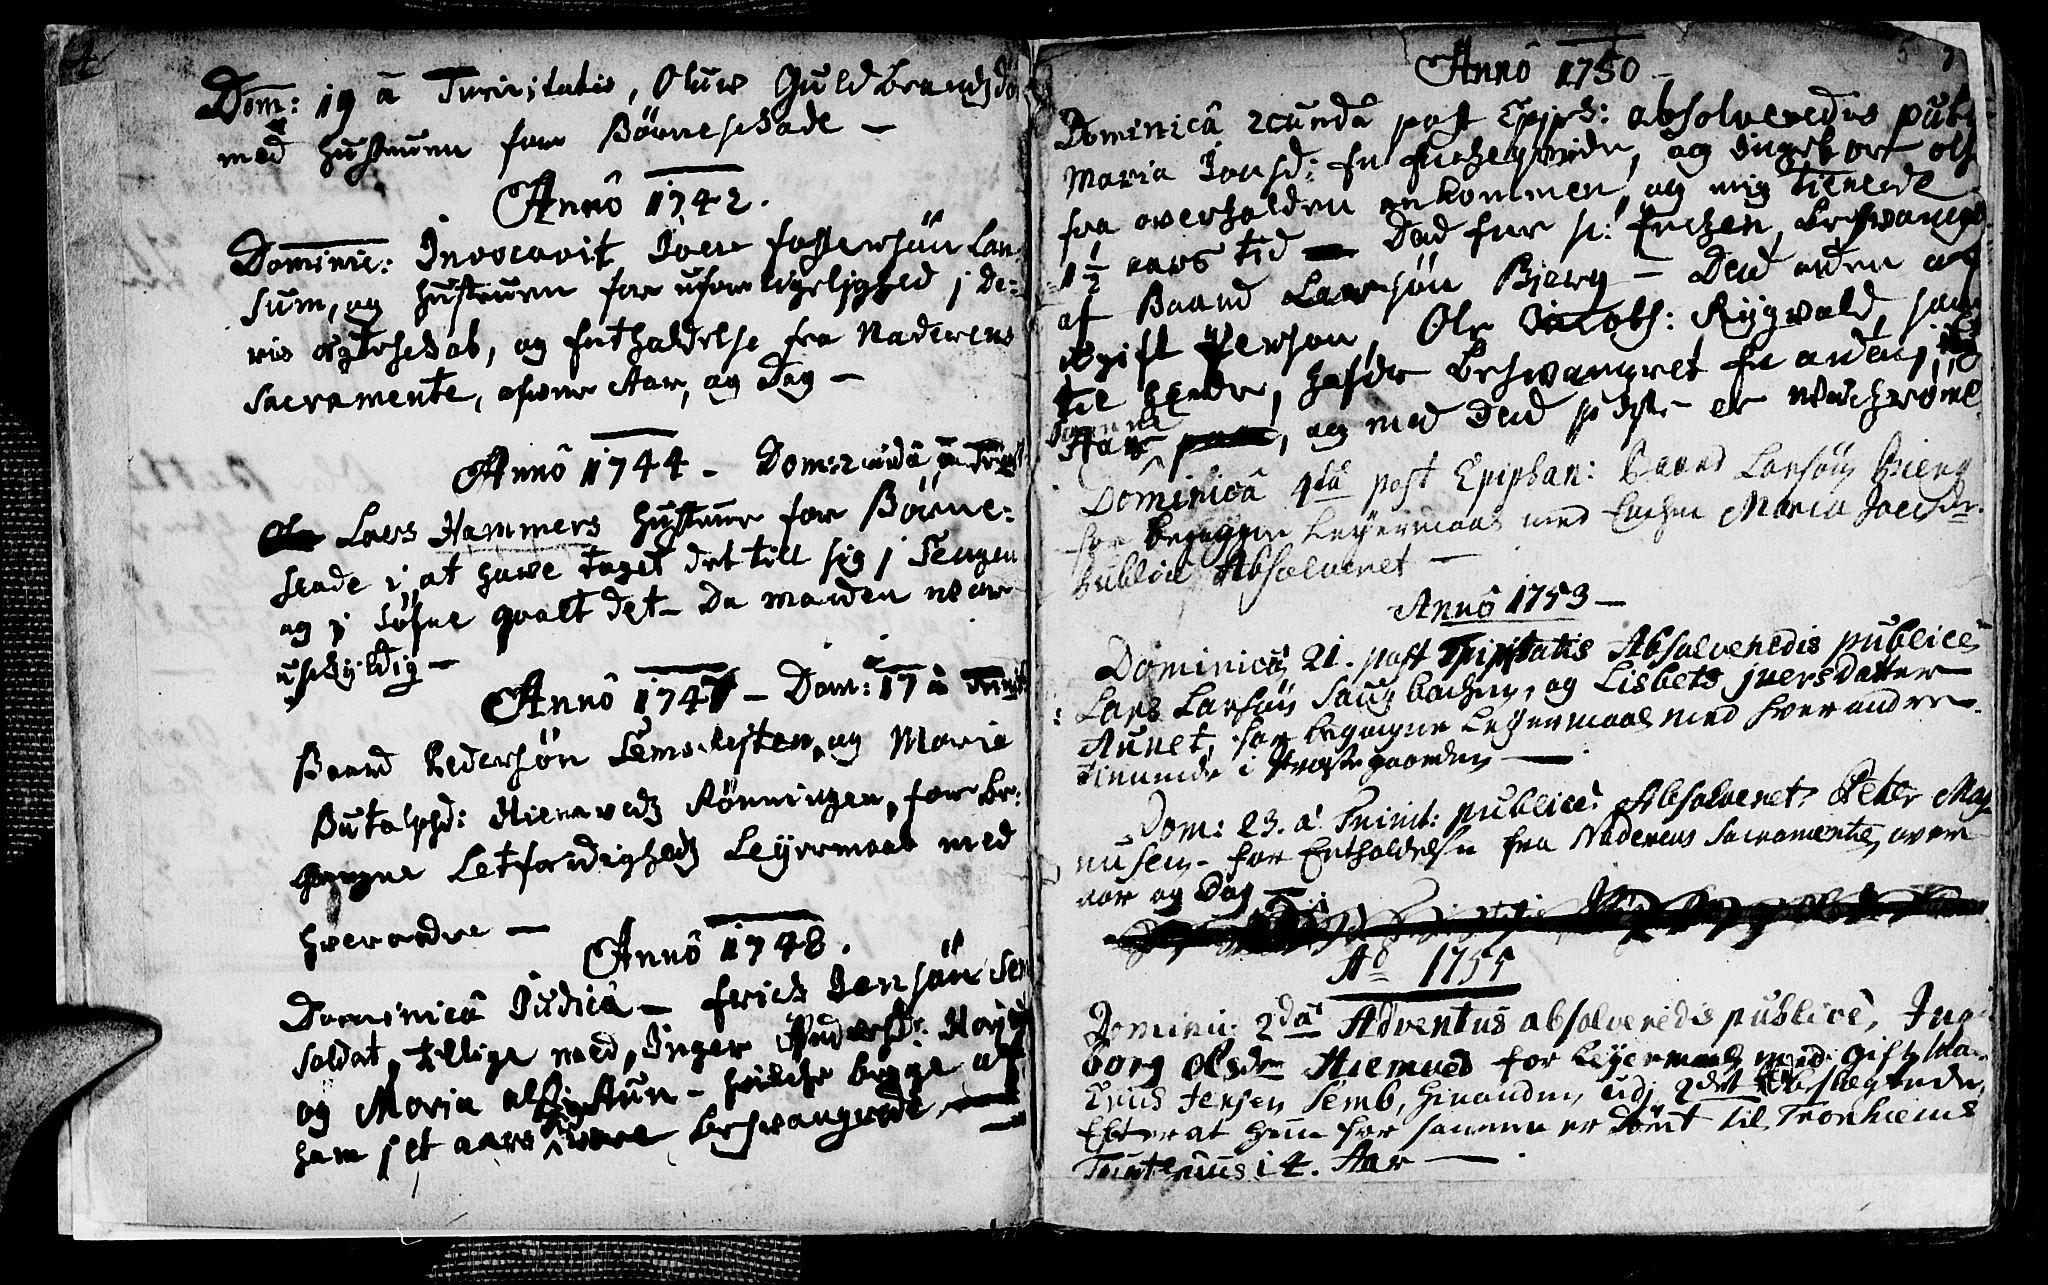 SAT, Ministerialprotokoller, klokkerbøker og fødselsregistre - Nord-Trøndelag, 749/L0467: Ministerialbok nr. 749A01, 1733-1787, s. 4-5